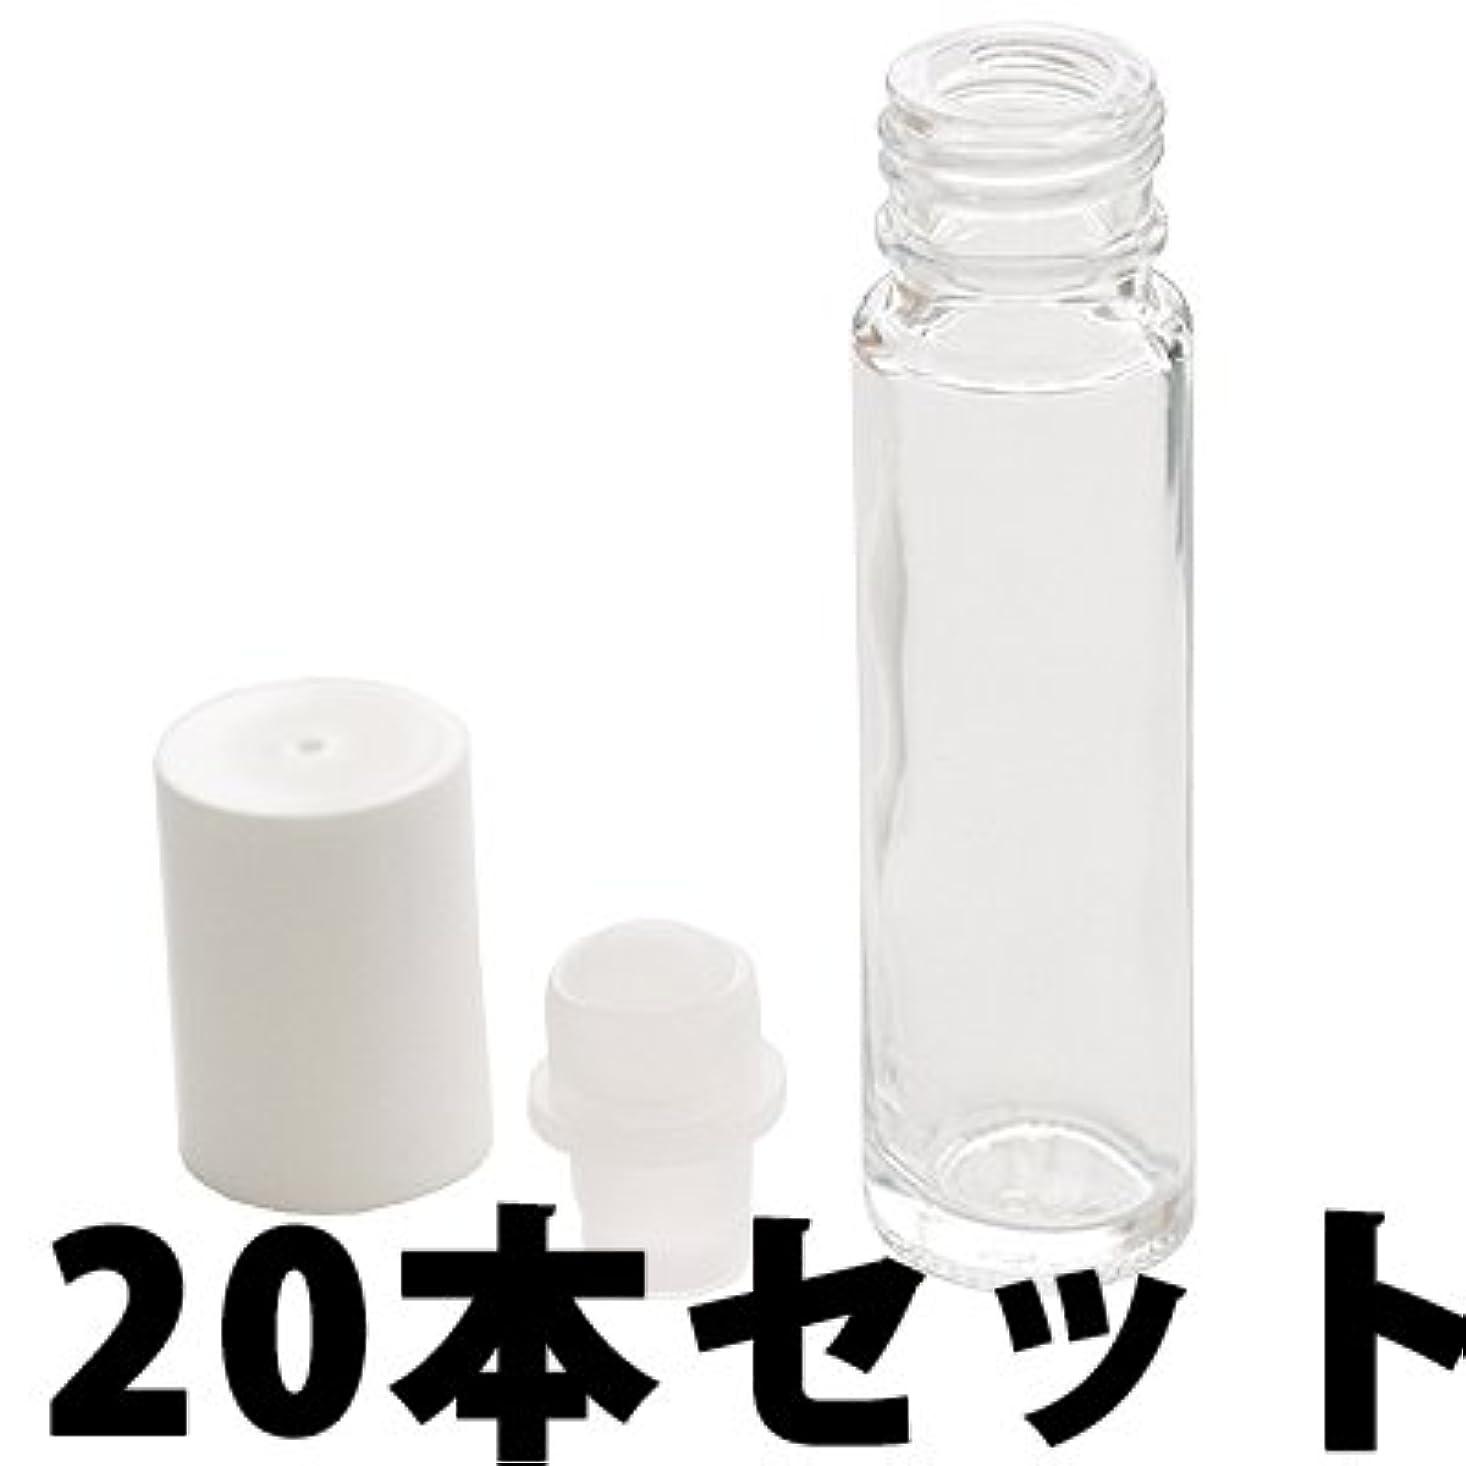 する必要がある価値孤独なロールオンボトル10ml 白キャップ×20本セット アトマイザーロールオンガラスボトル